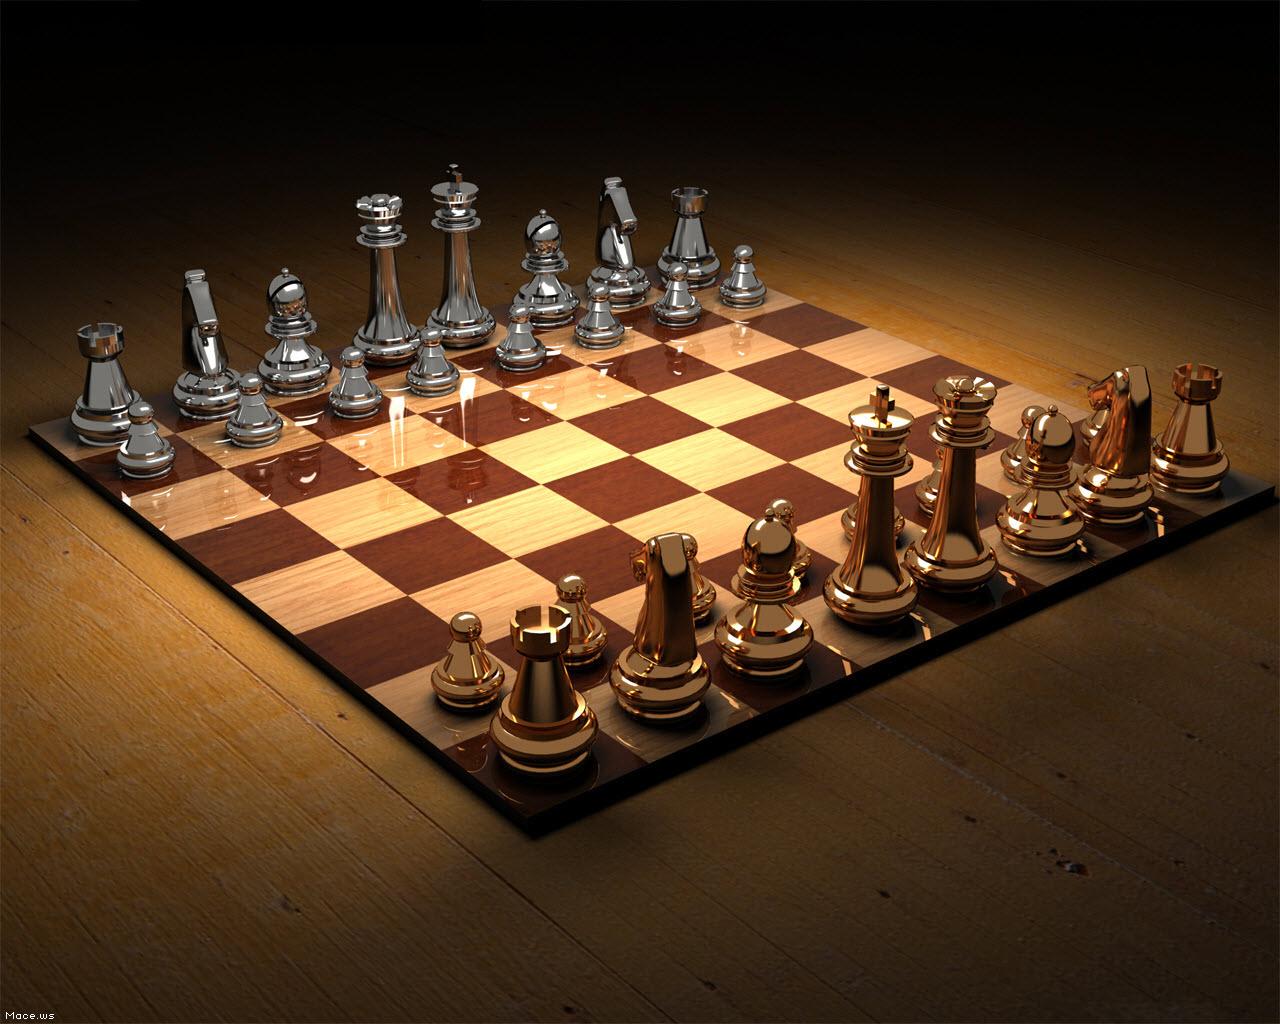 Tanque News: Lenda: Como Surgiu O Xadrez? [c]